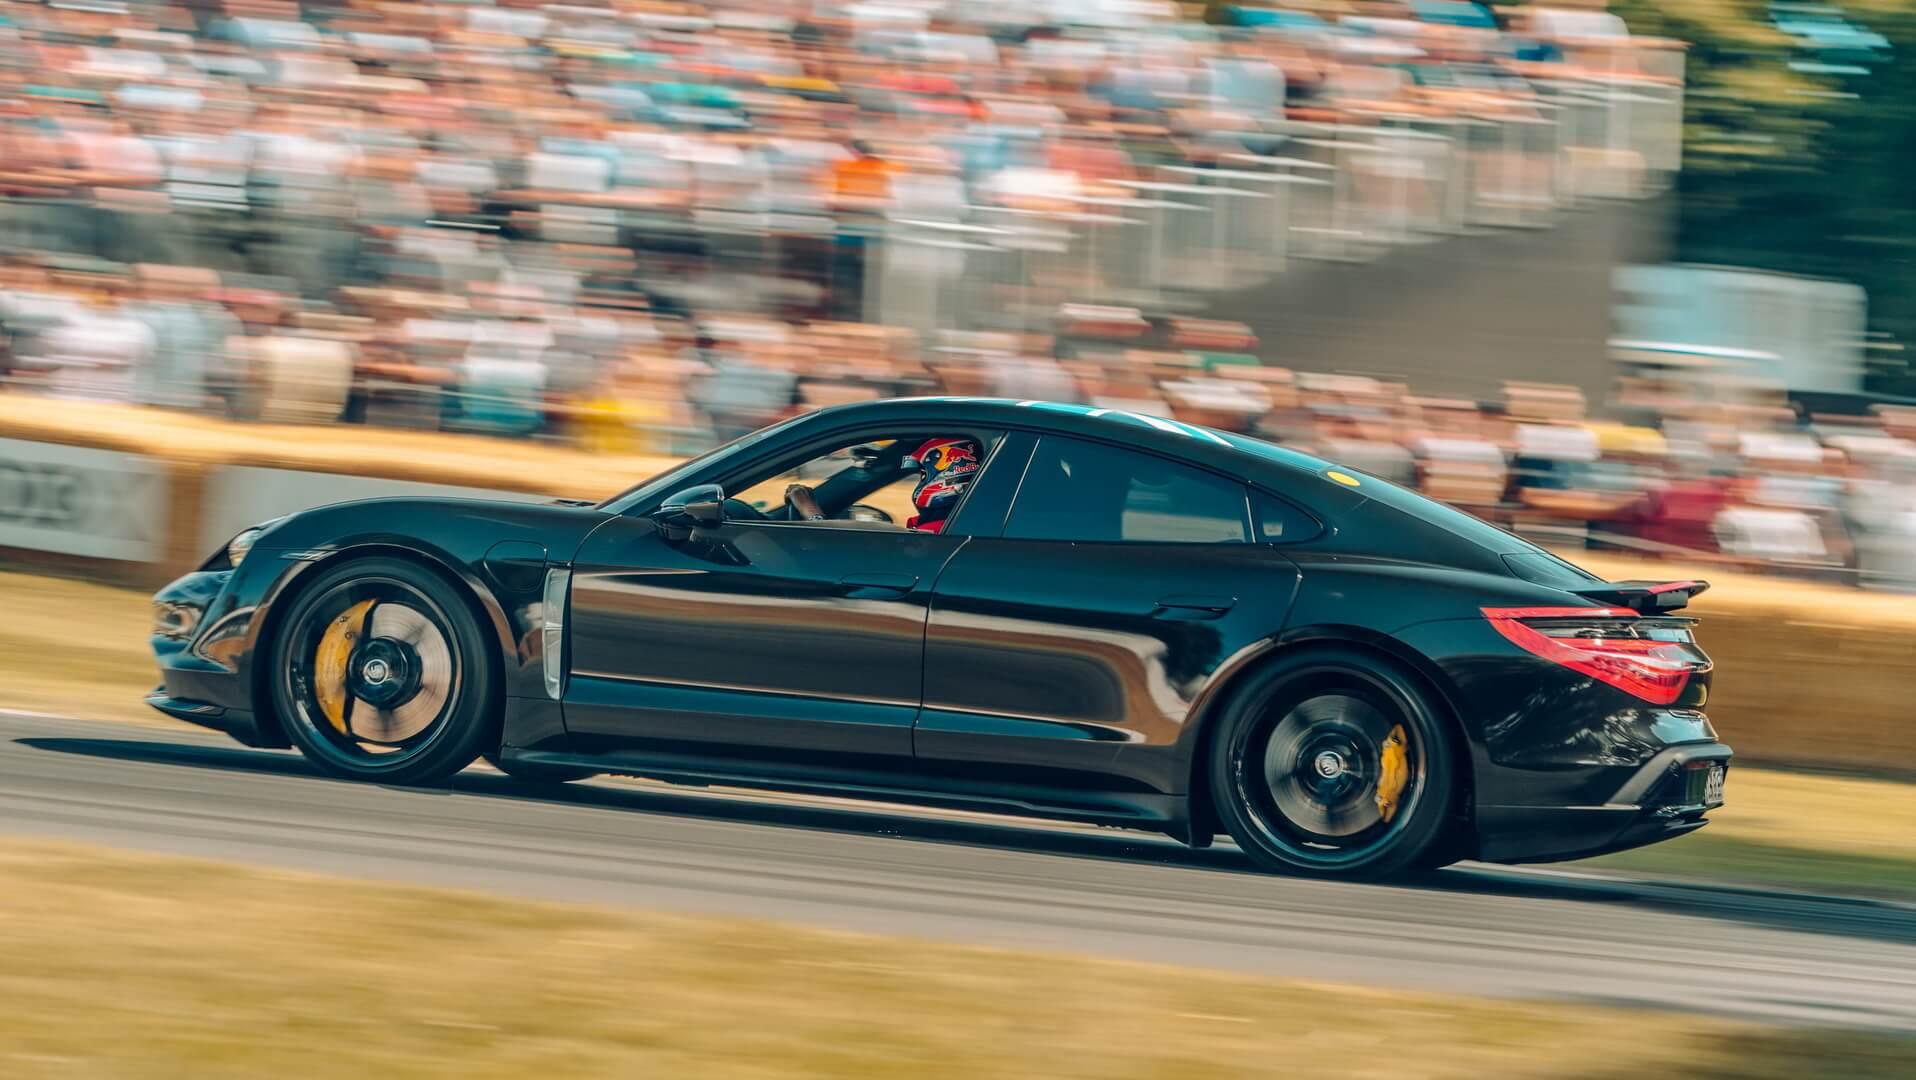 Porsche Taycan показал свои возможности на фестивале скорости в Гудвуде